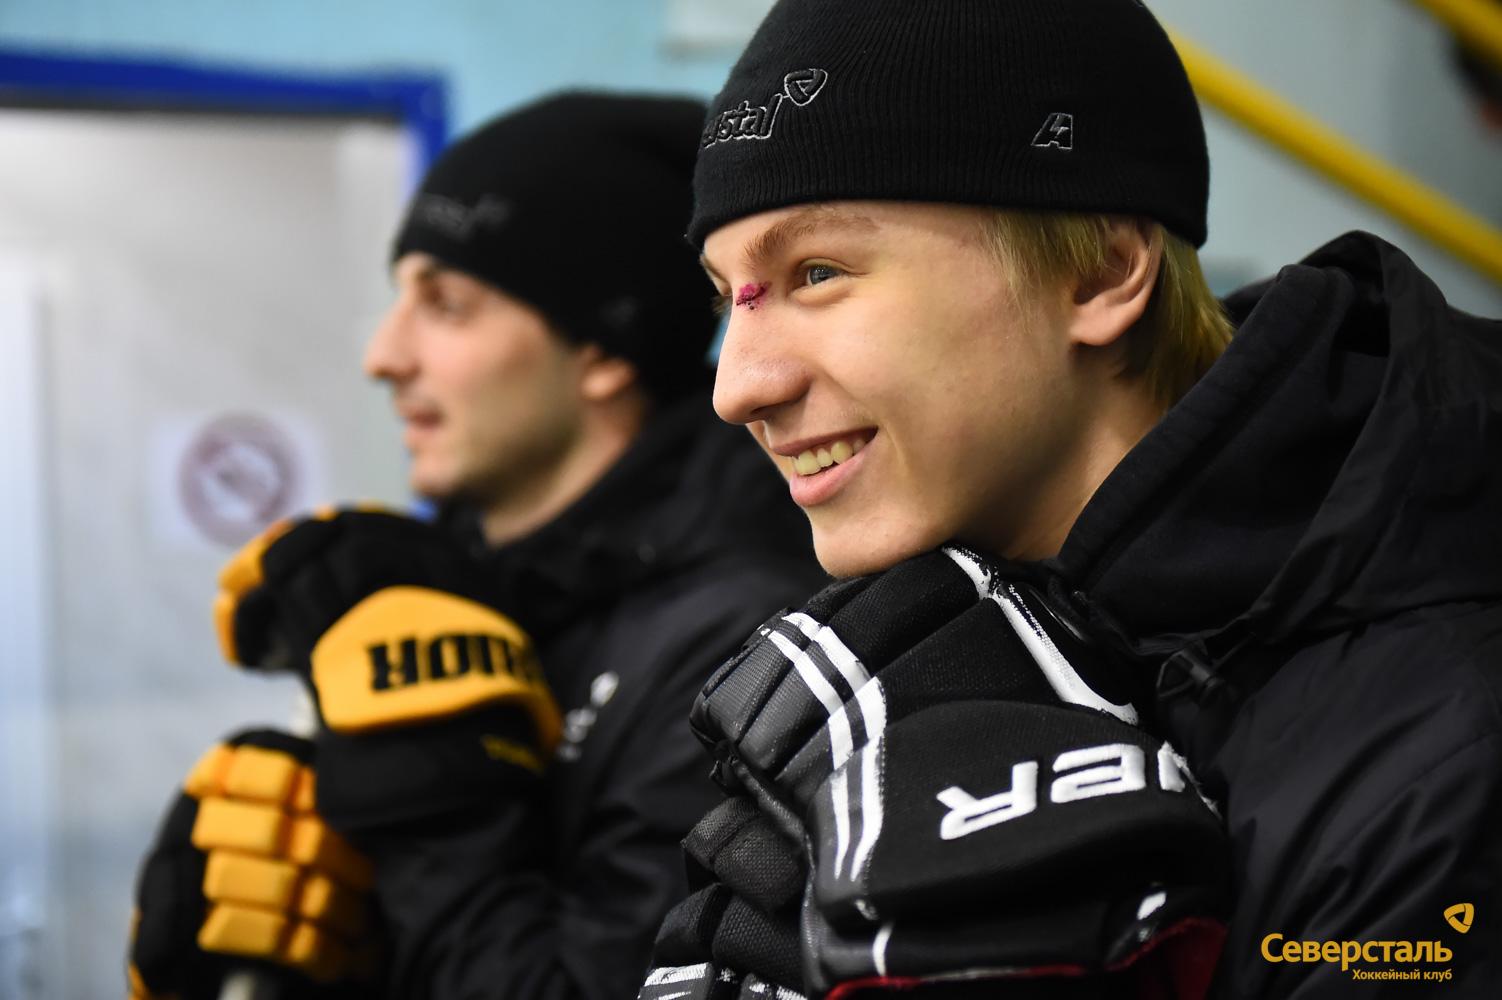 Макар Хабаров: «Моя цель - играть в стиле Войнова и Карлссона»